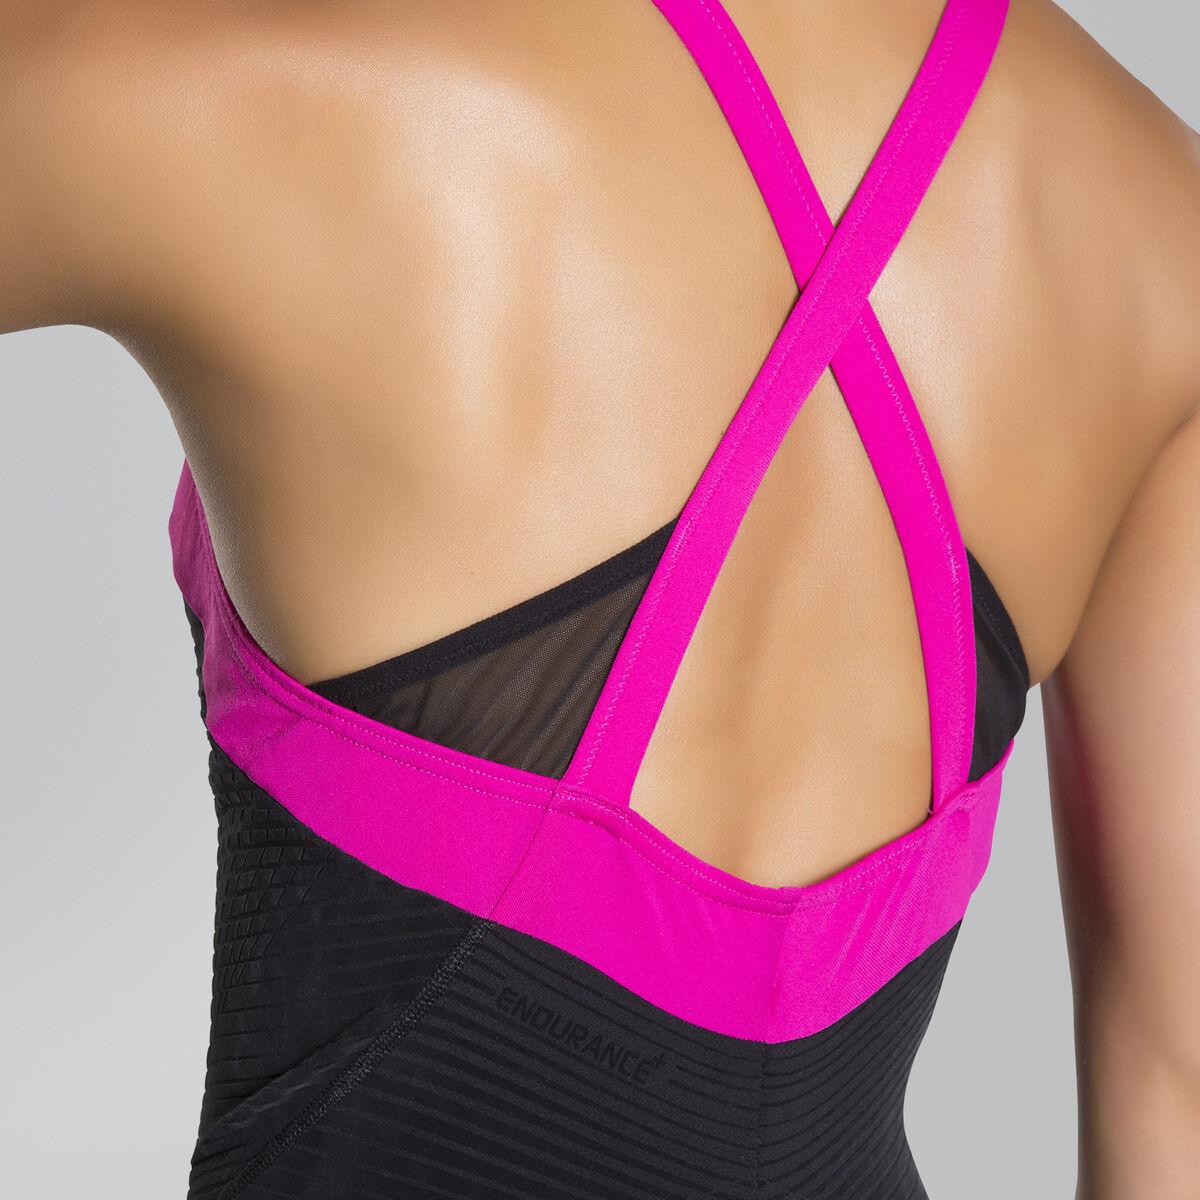 Speedo Fit Power Form Xback Swimsuit